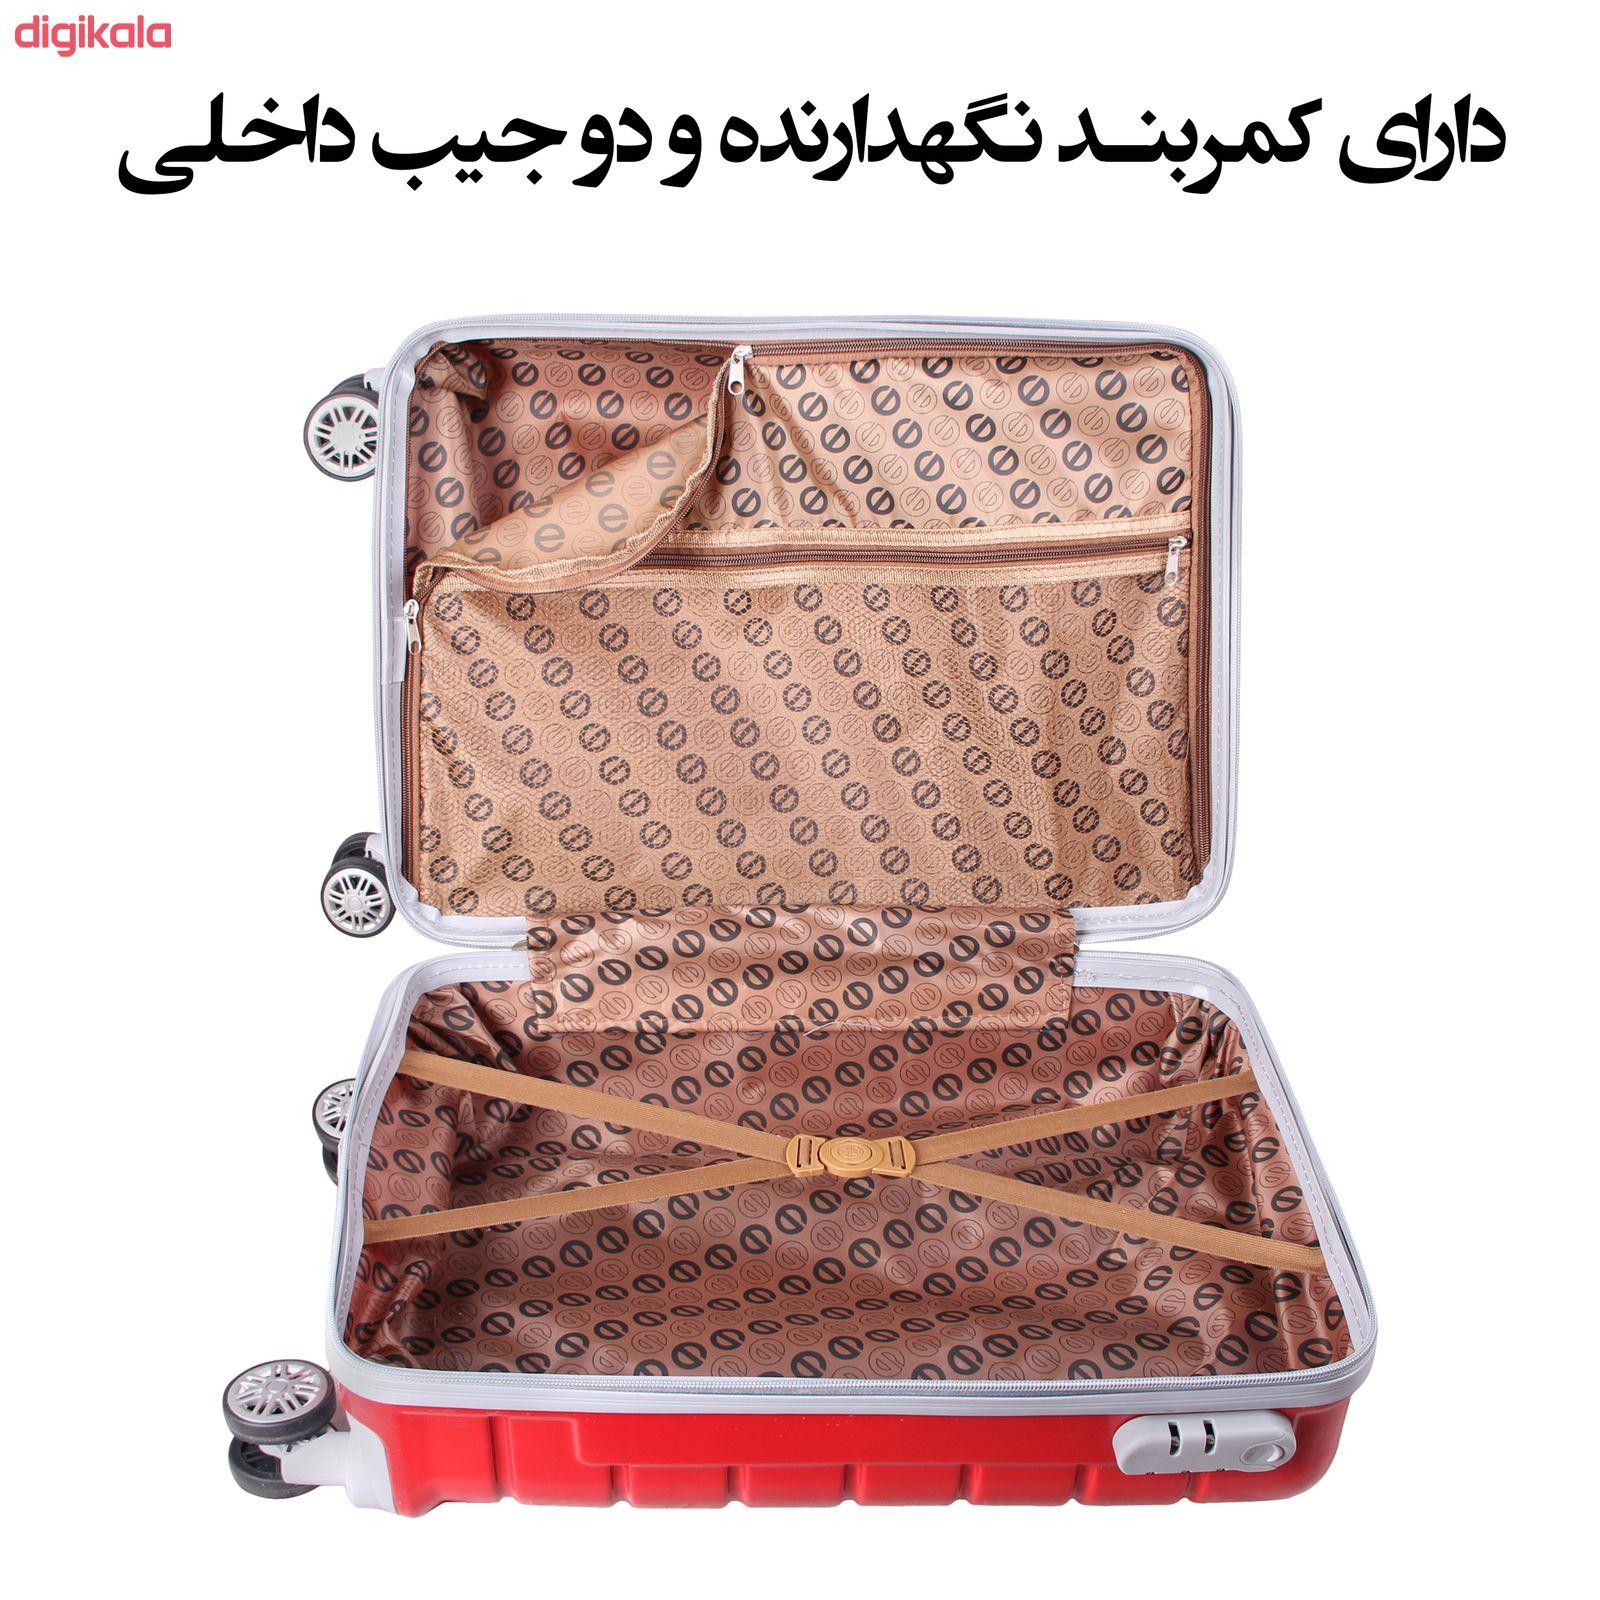 مجموعه سه عددی چمدان مدل 10021 main 1 29